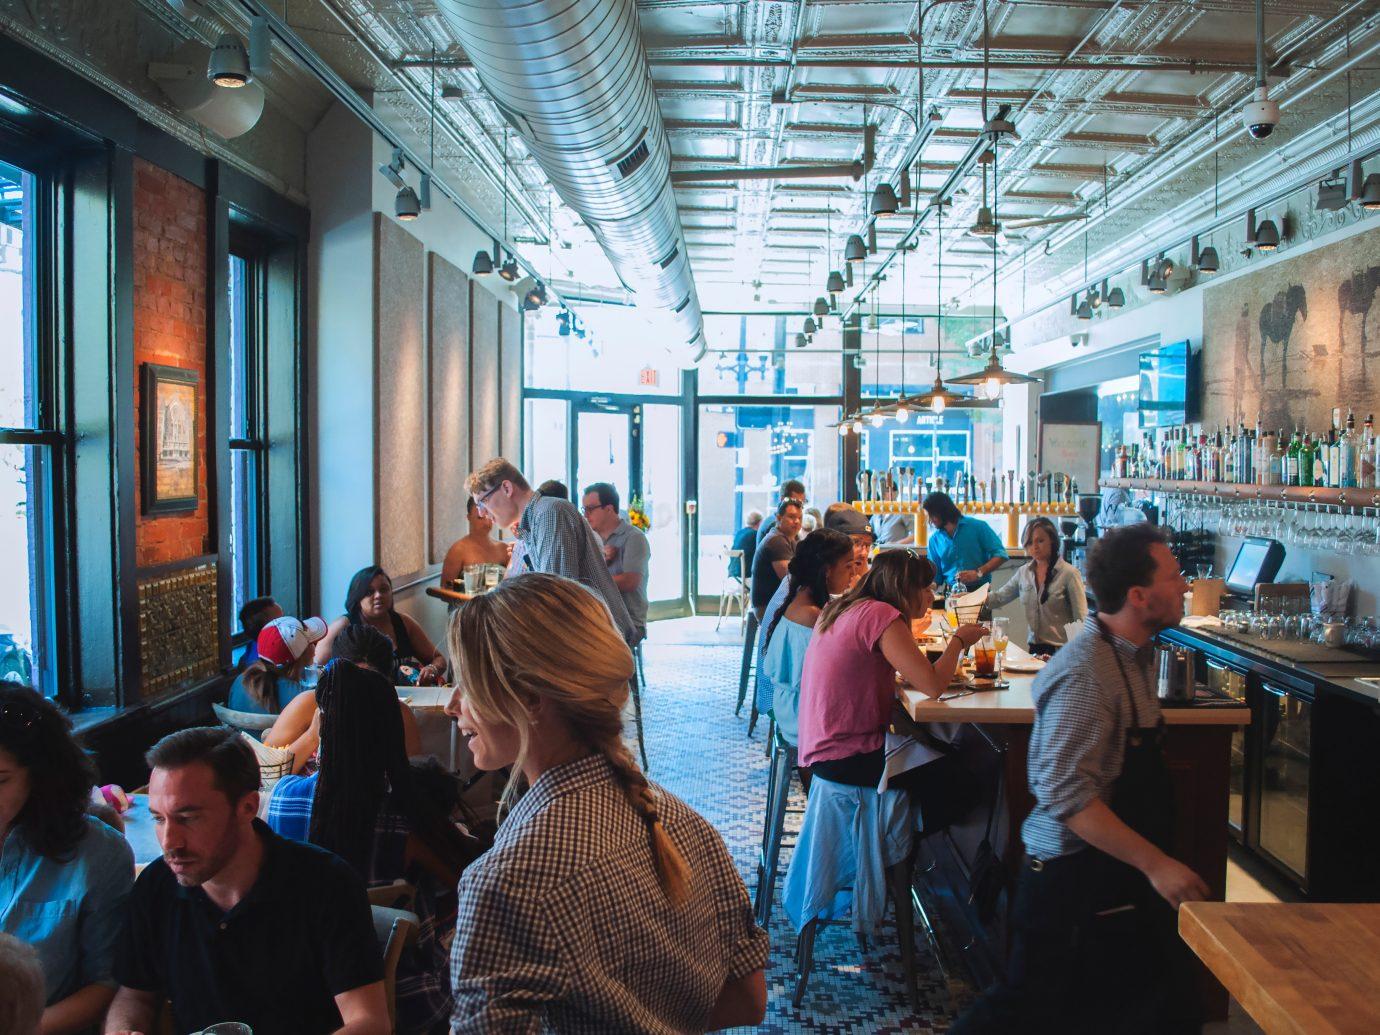 interior of the restaurant at Taste of Belgium